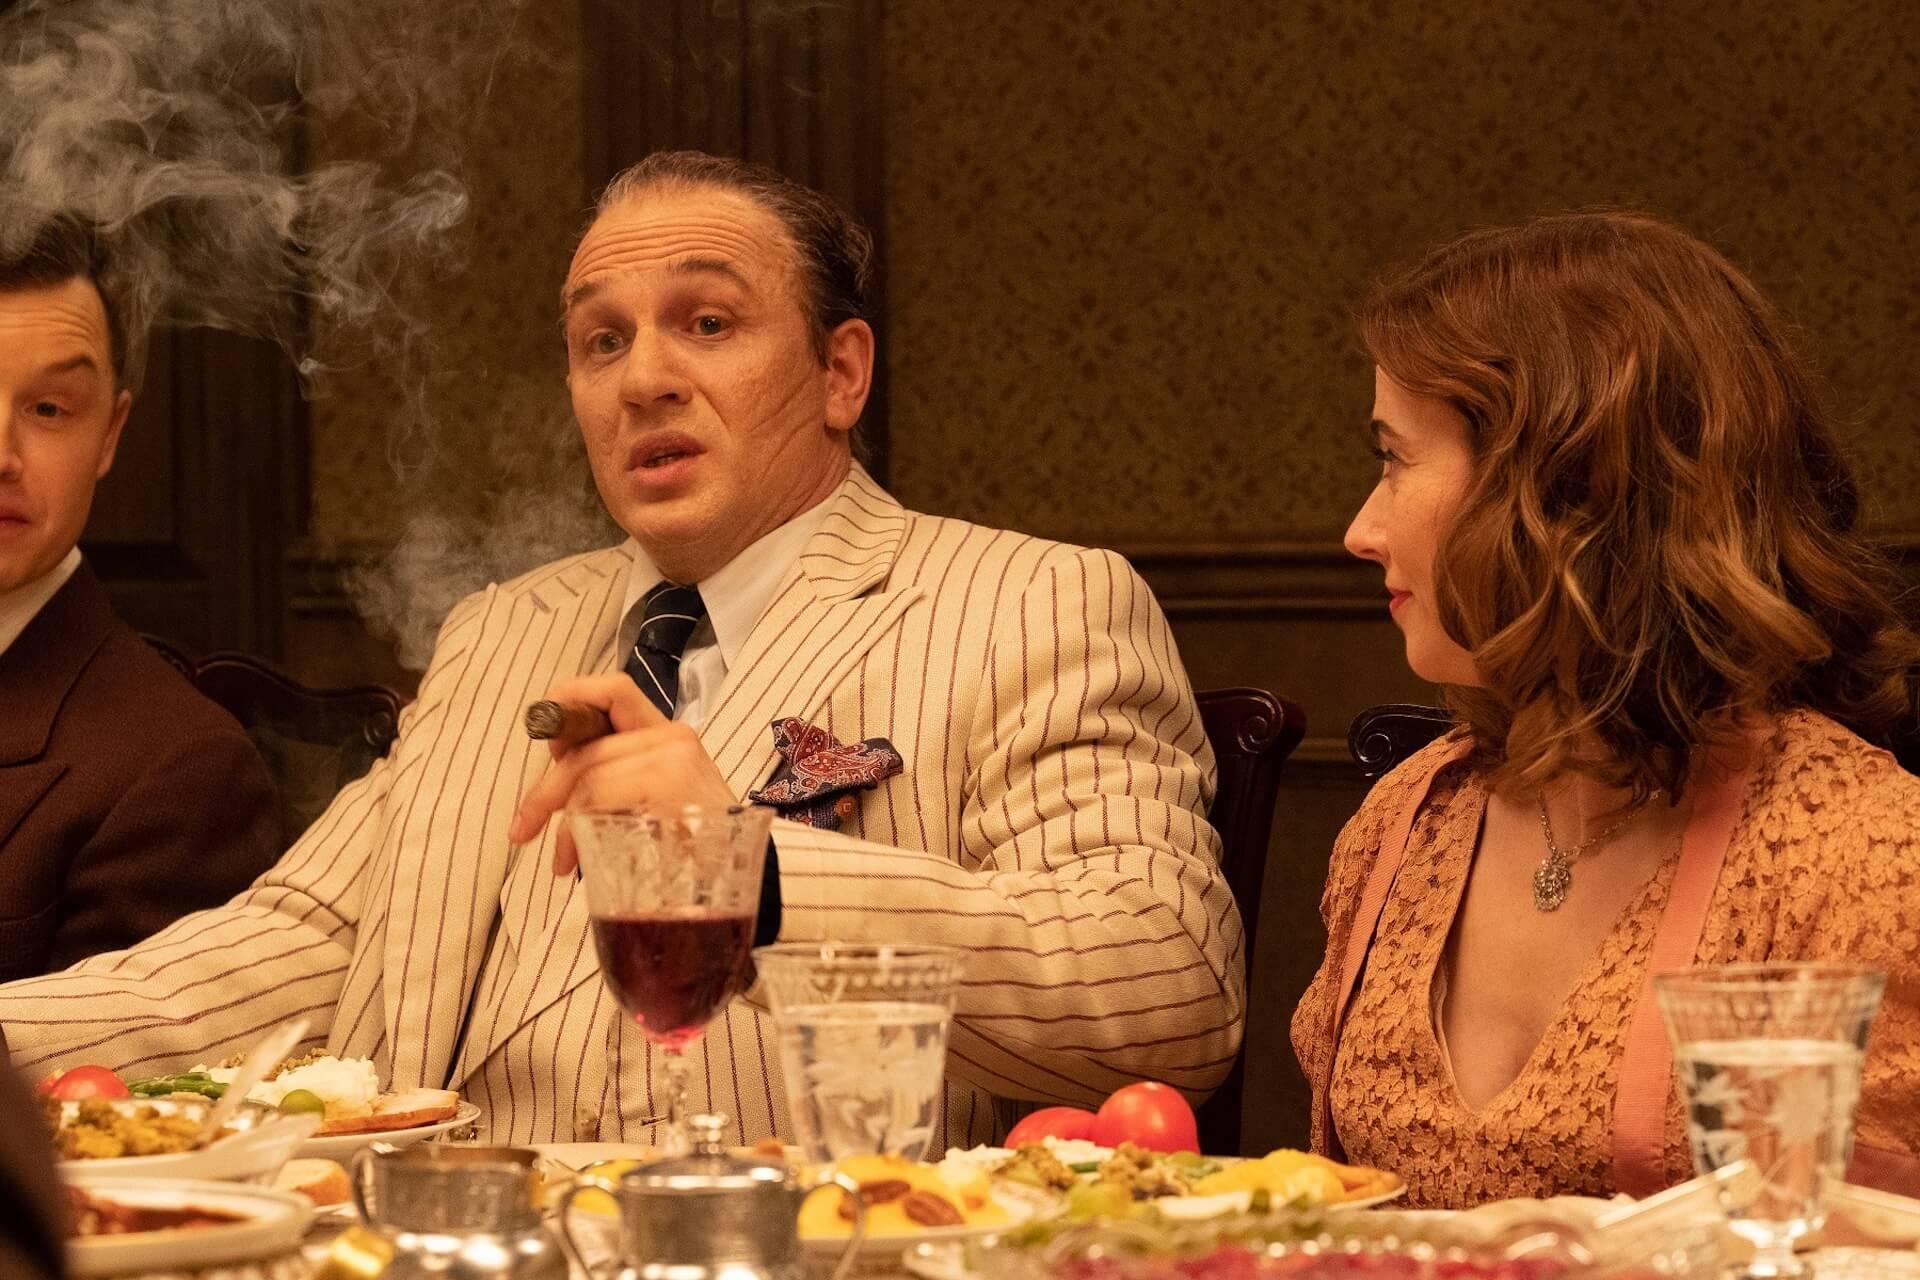 晩年のアル・カポネを演じるトム・ハーディの魅力に迫る!『カポネ』の新場面写真&特別エピソードが到着 film210125_capone_9